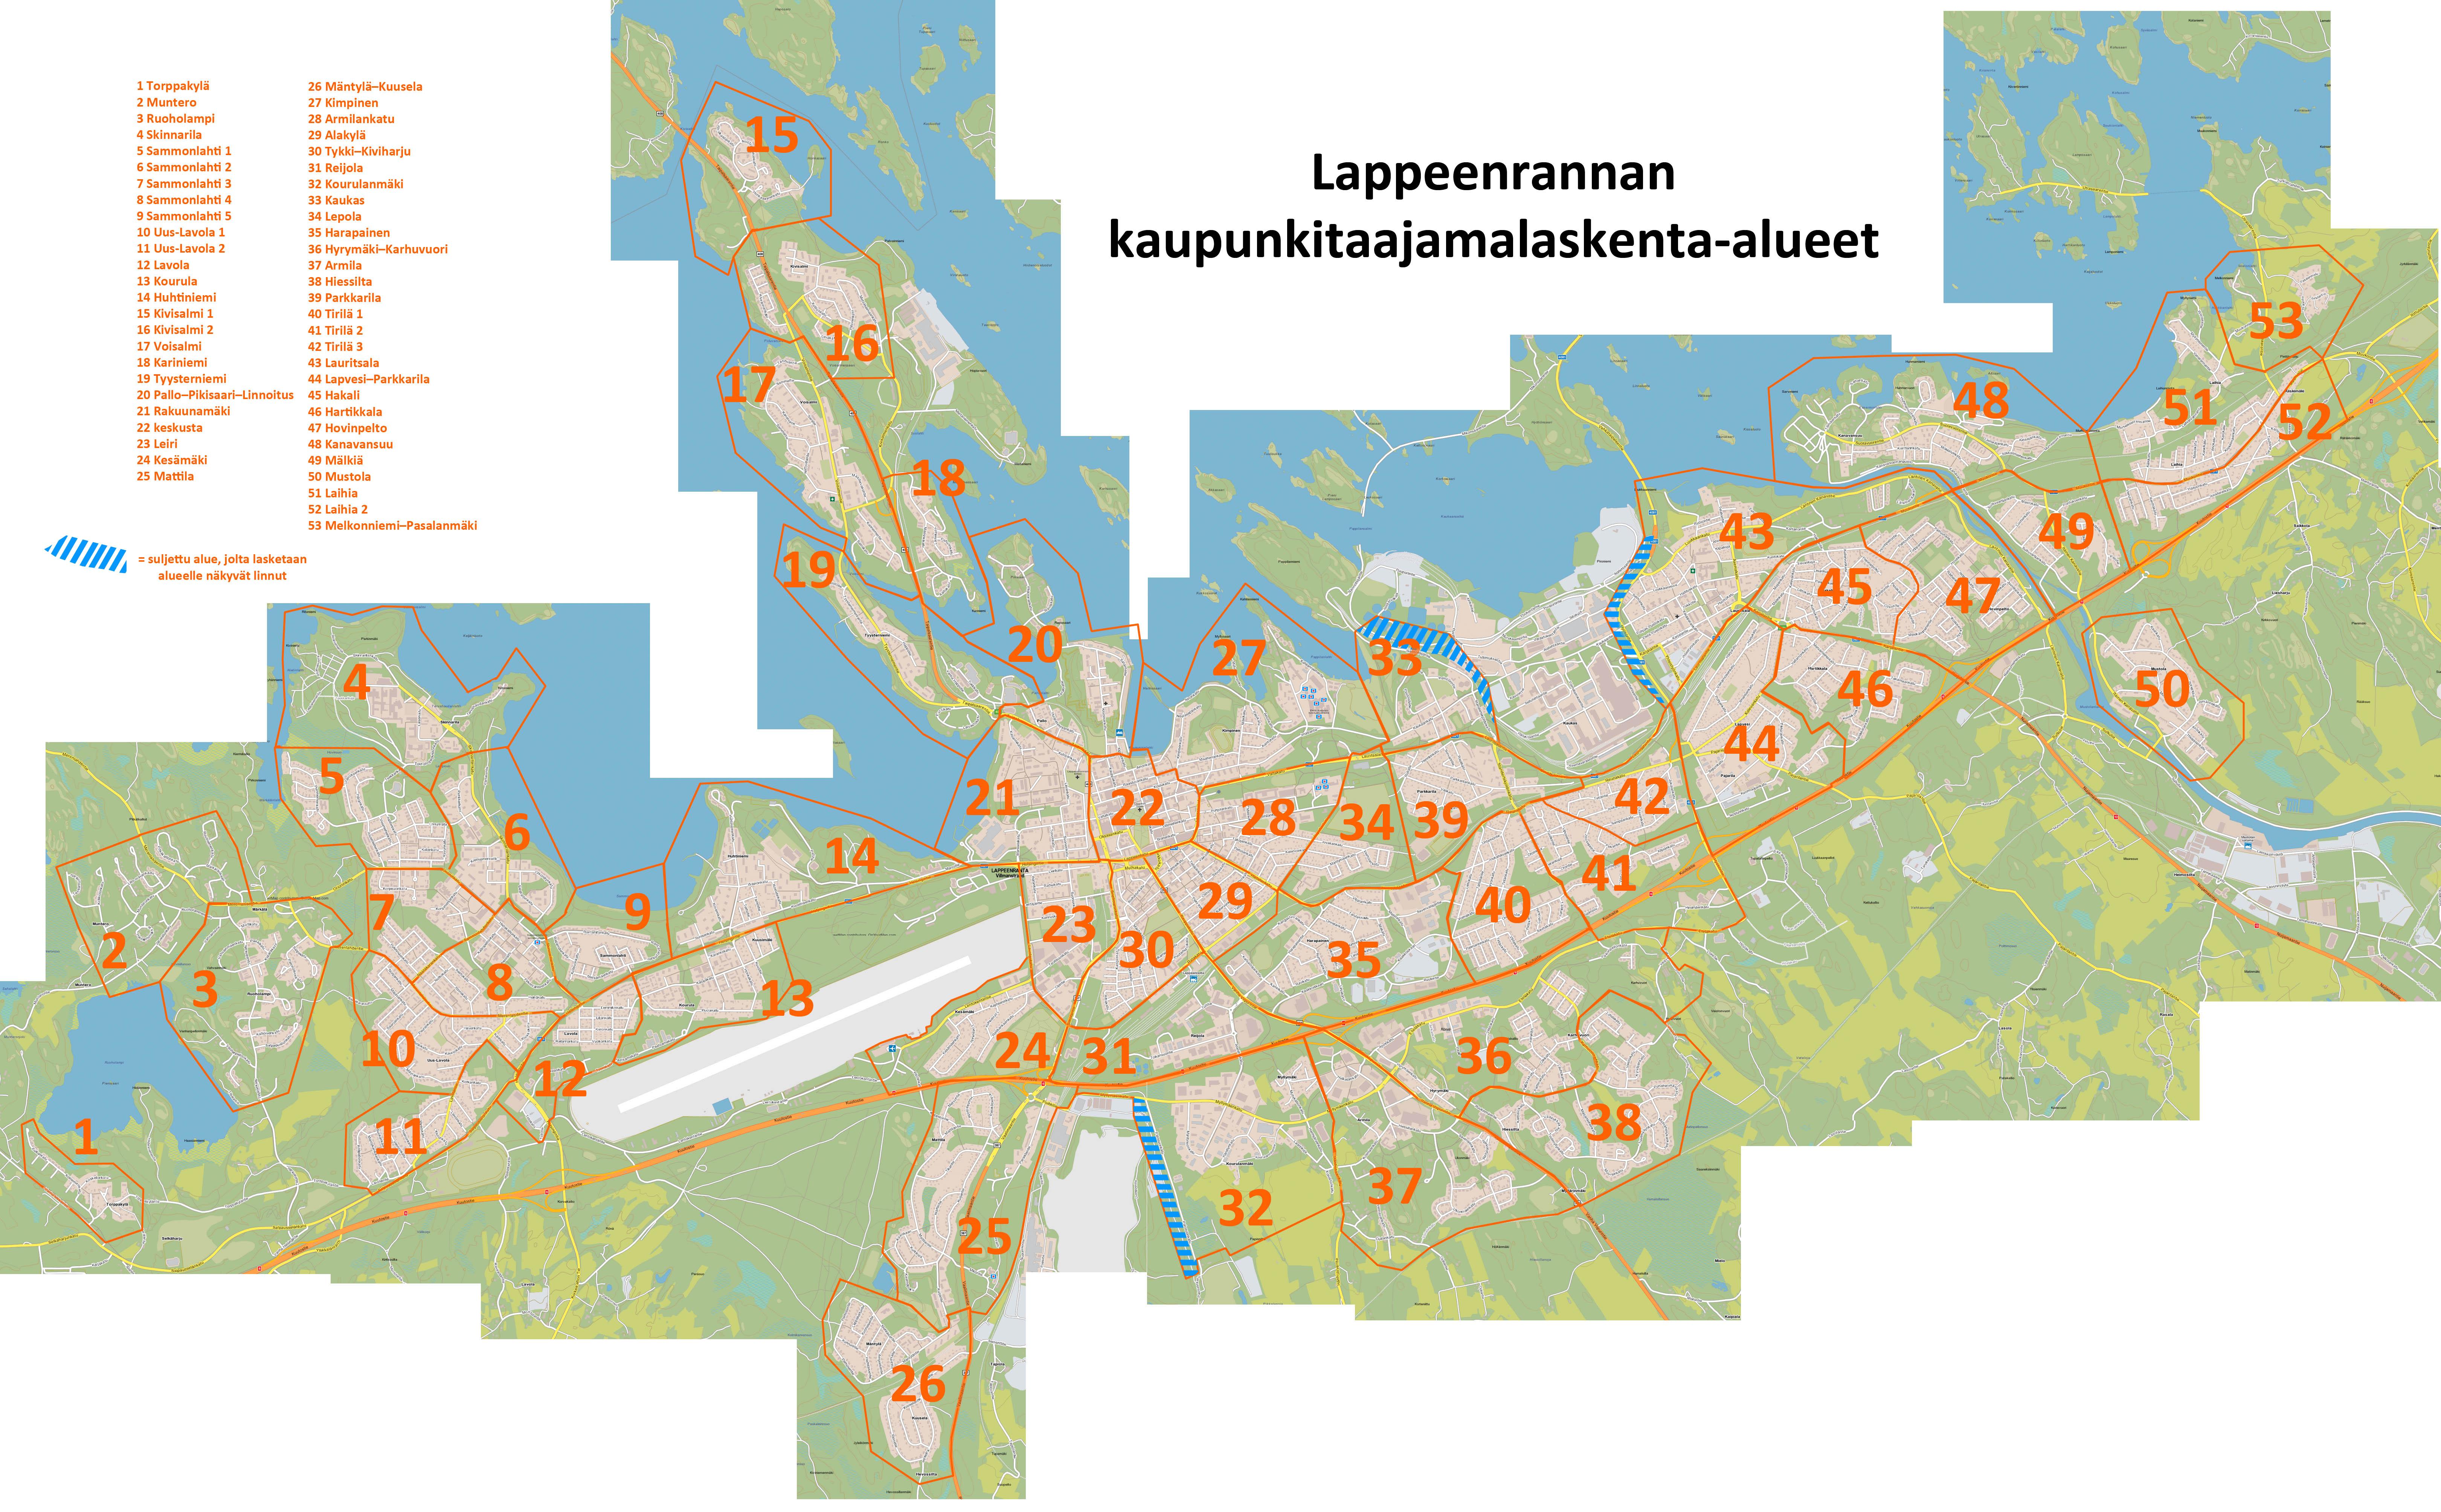 Lappeenrannan Taajamalaskennat 2018 Etela Karjalan